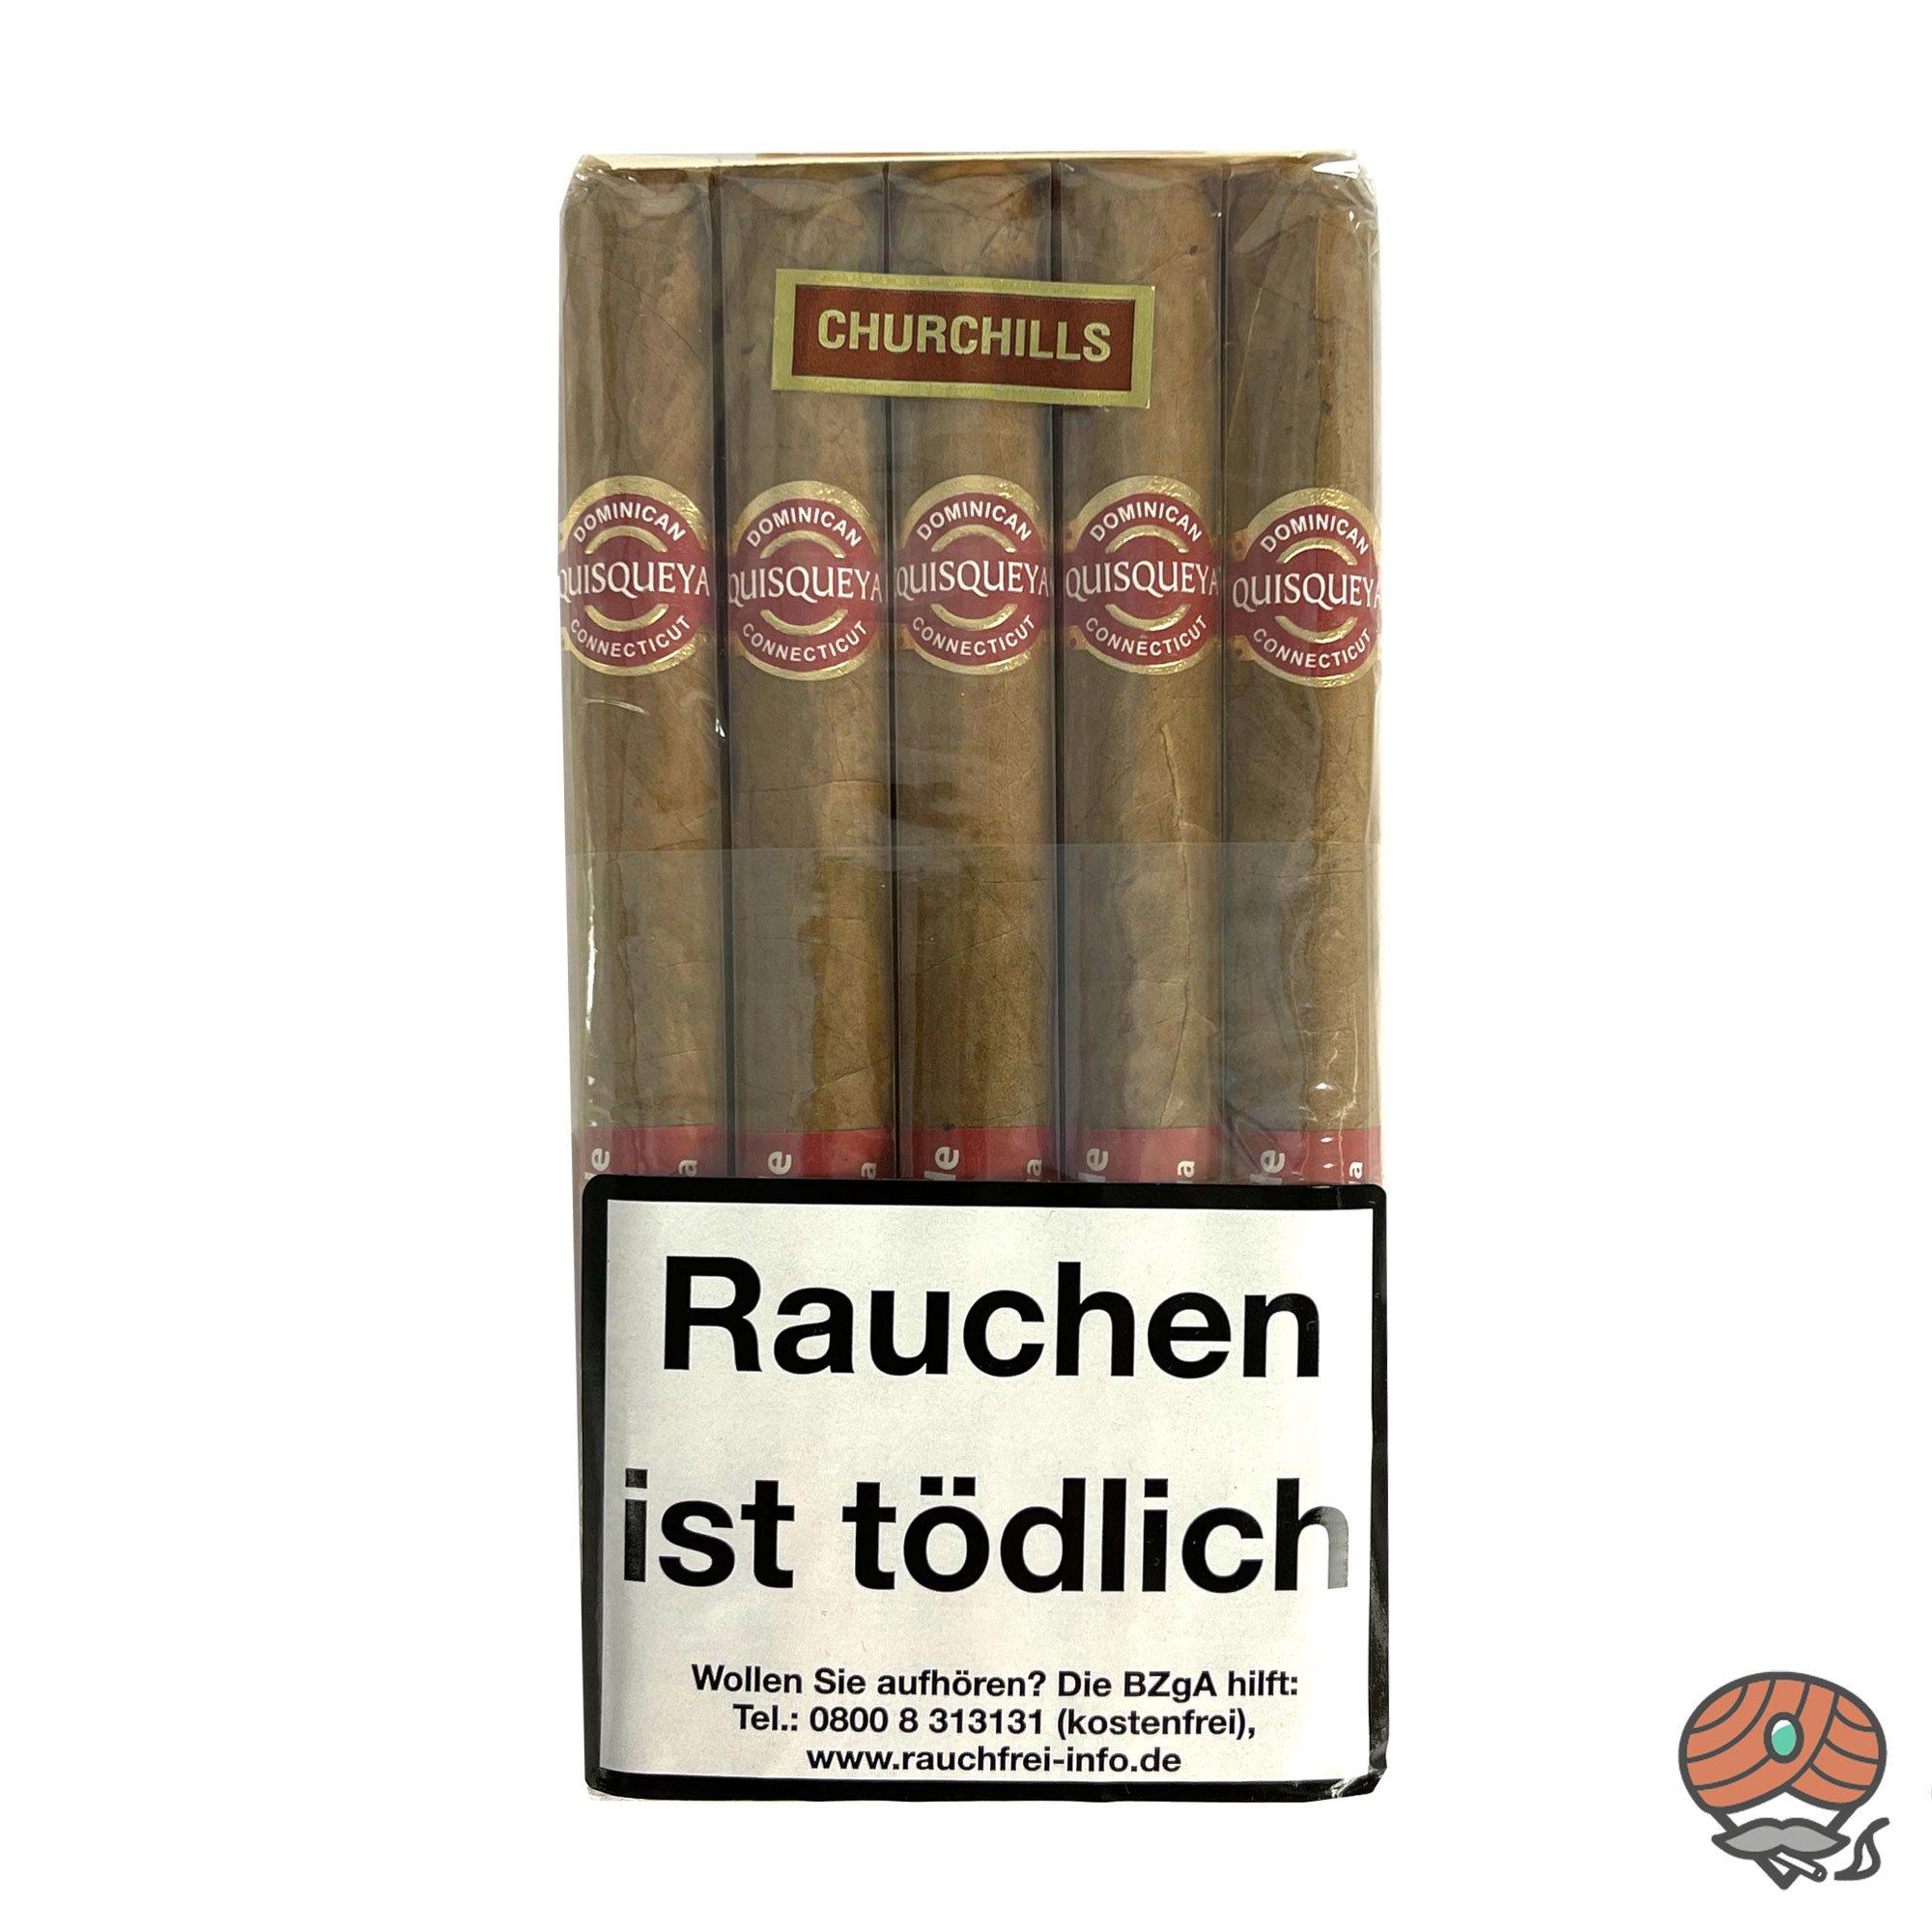 10 Quisqueya Connecticut Churchills Zigarren im 10er Bundle Dominikanische Republik